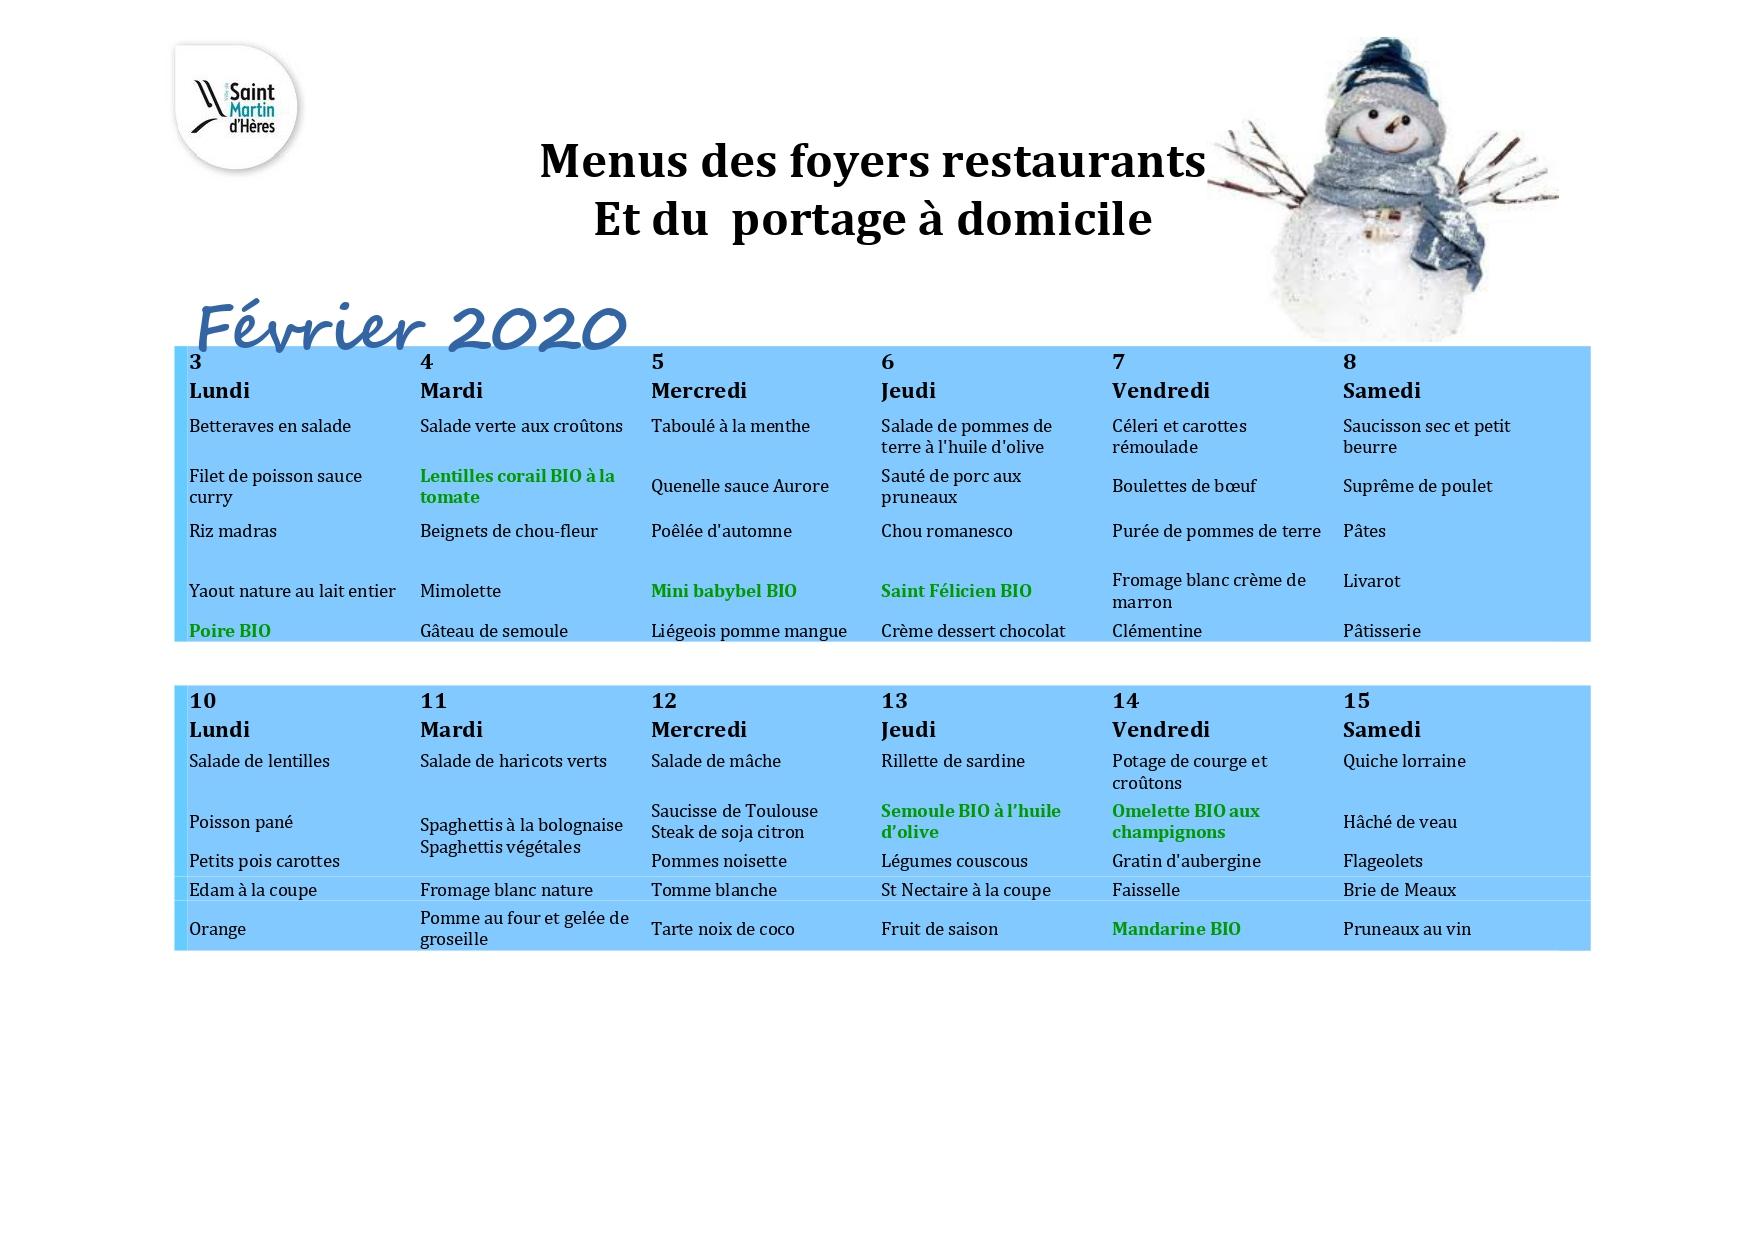 Menus foyers restaurants et portages : Février 2020